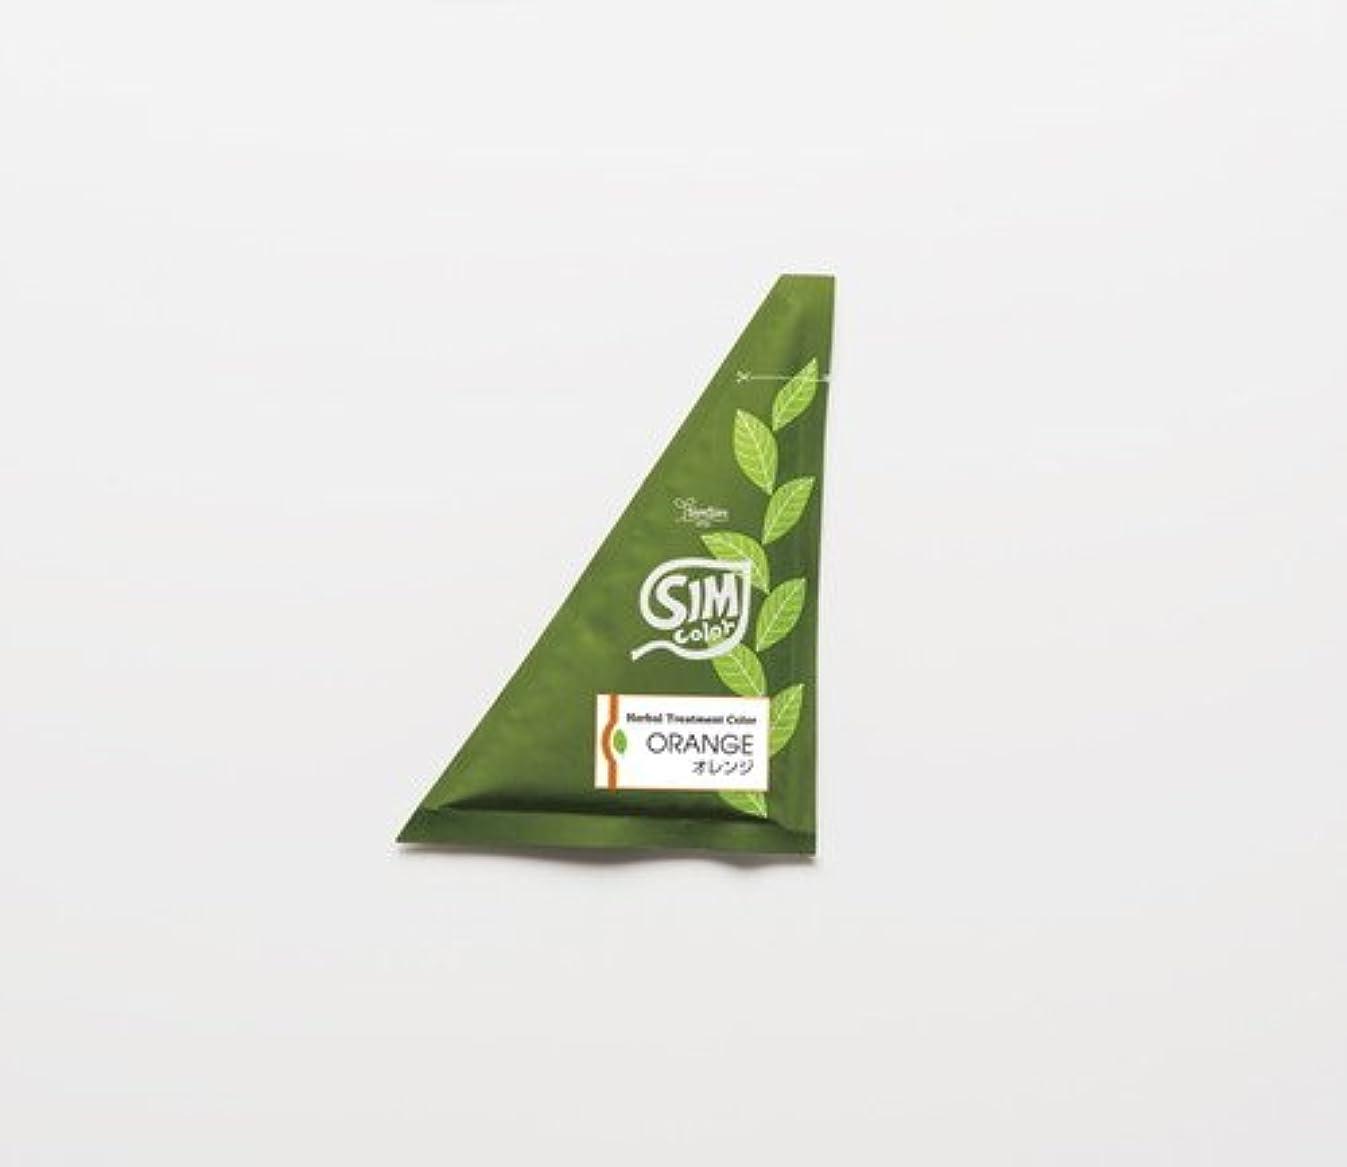 圧縮彼らのサラダSimSim(シムシム)お手軽簡単シムカラーエクストラ(EX)25g 2袋 オレンジ